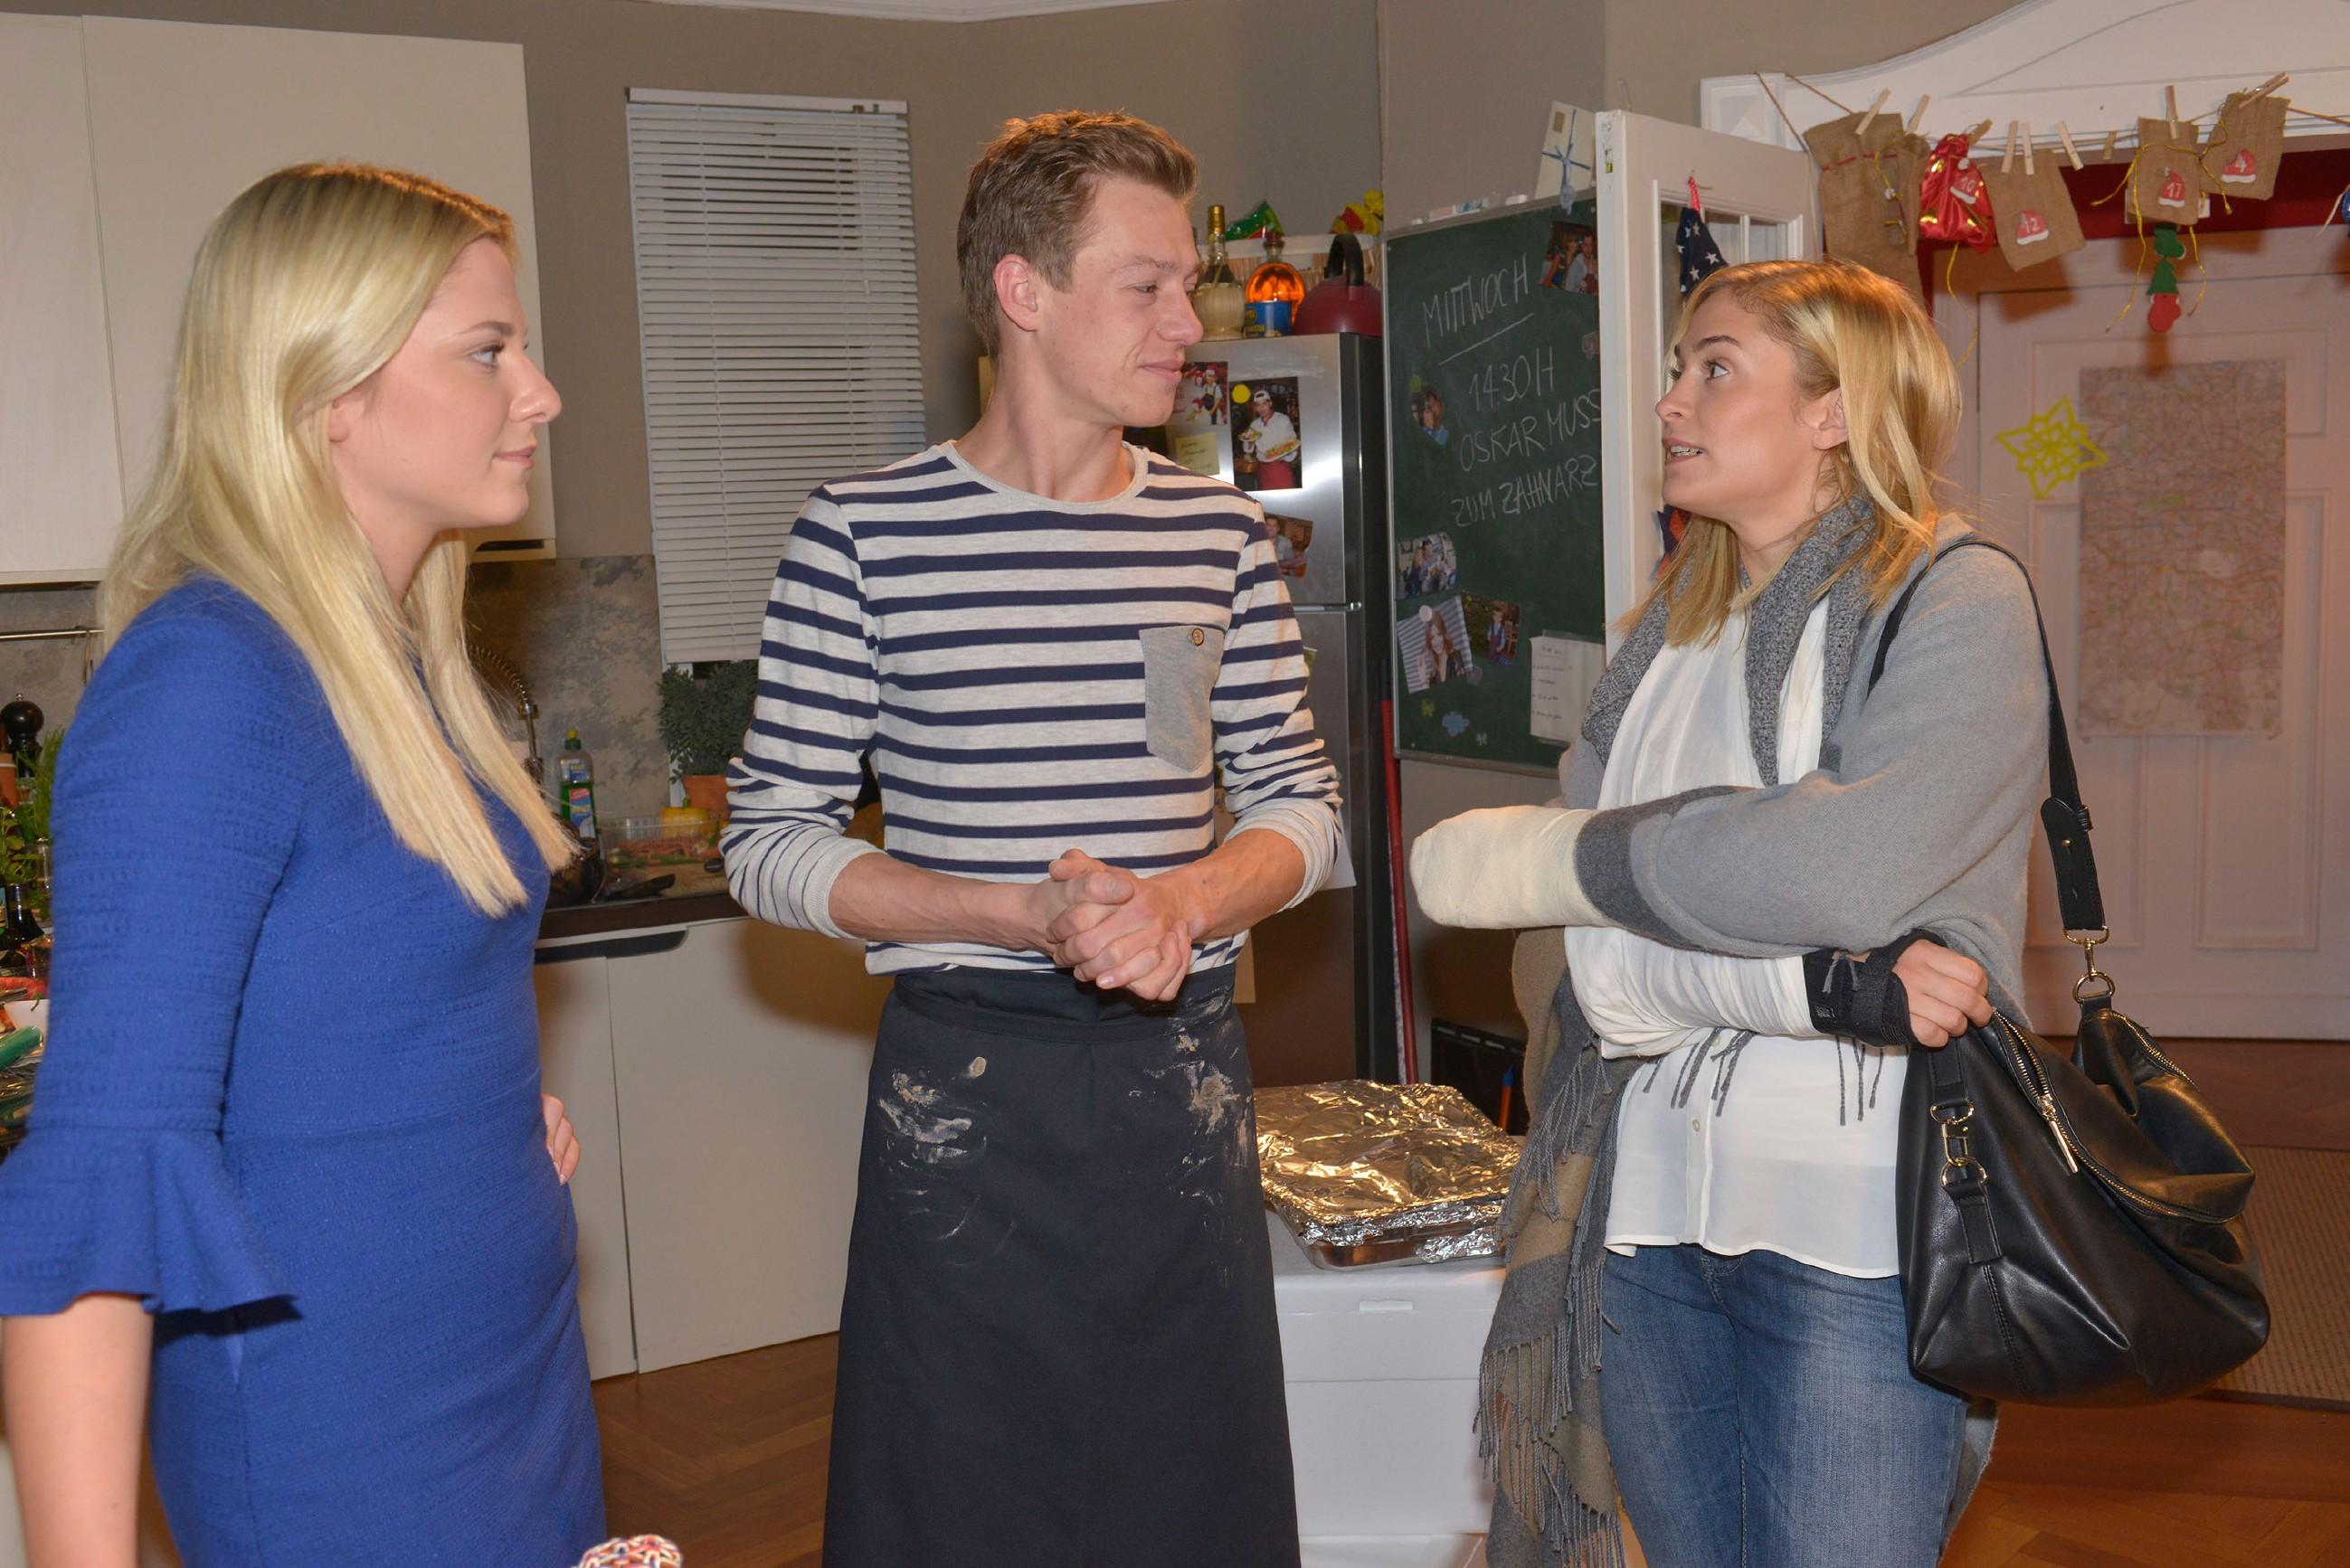 Sunny (Valentina Pahde, l.) und Vince (Vincent Krüger) versuchen ihre Meinungsverschiedenheiten vor Sophie (Lea Marlen Woitack) zu verbergen.